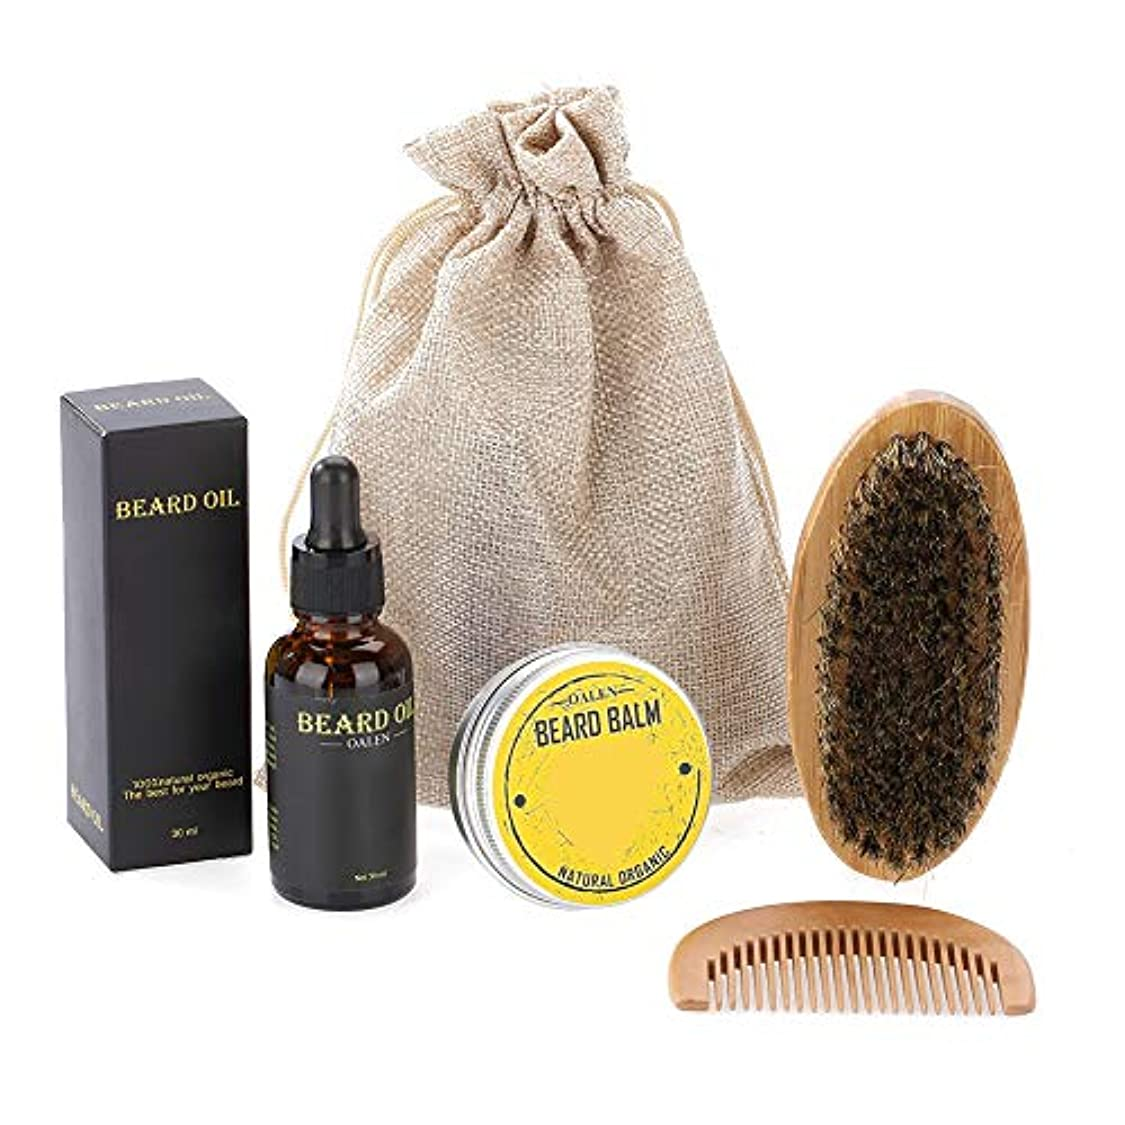 濃度ライン適切なひげコームクリームブラシオイルキット、プロのひげ保湿ケアツール